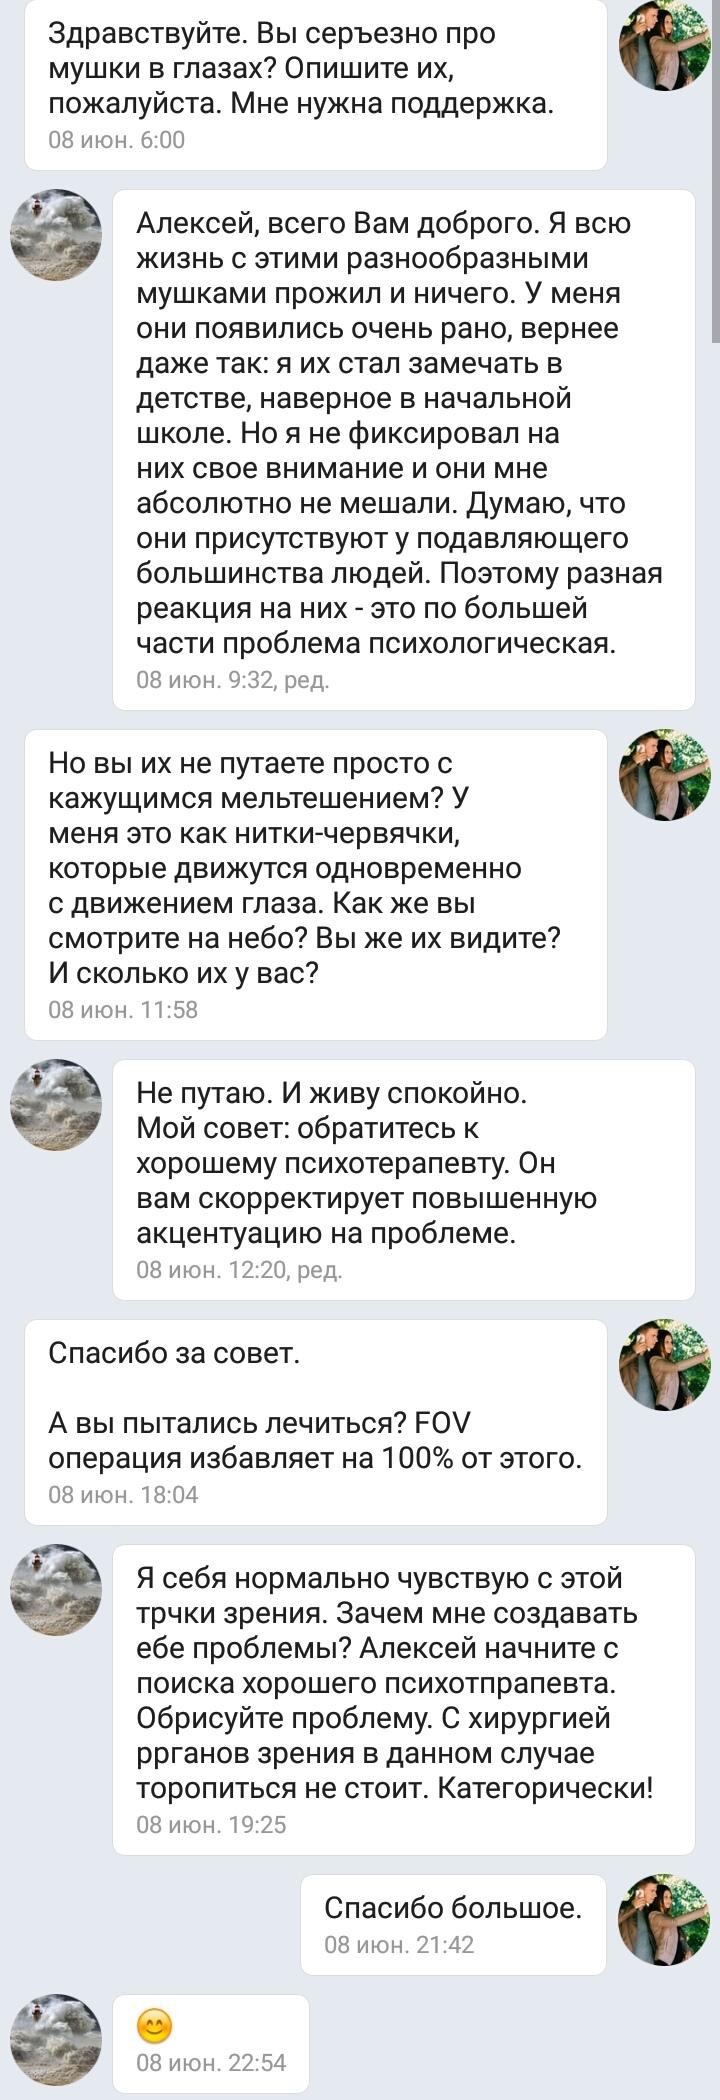 http://forumupload.ru/uploads/0000/08/e0/3494/520584.jpg